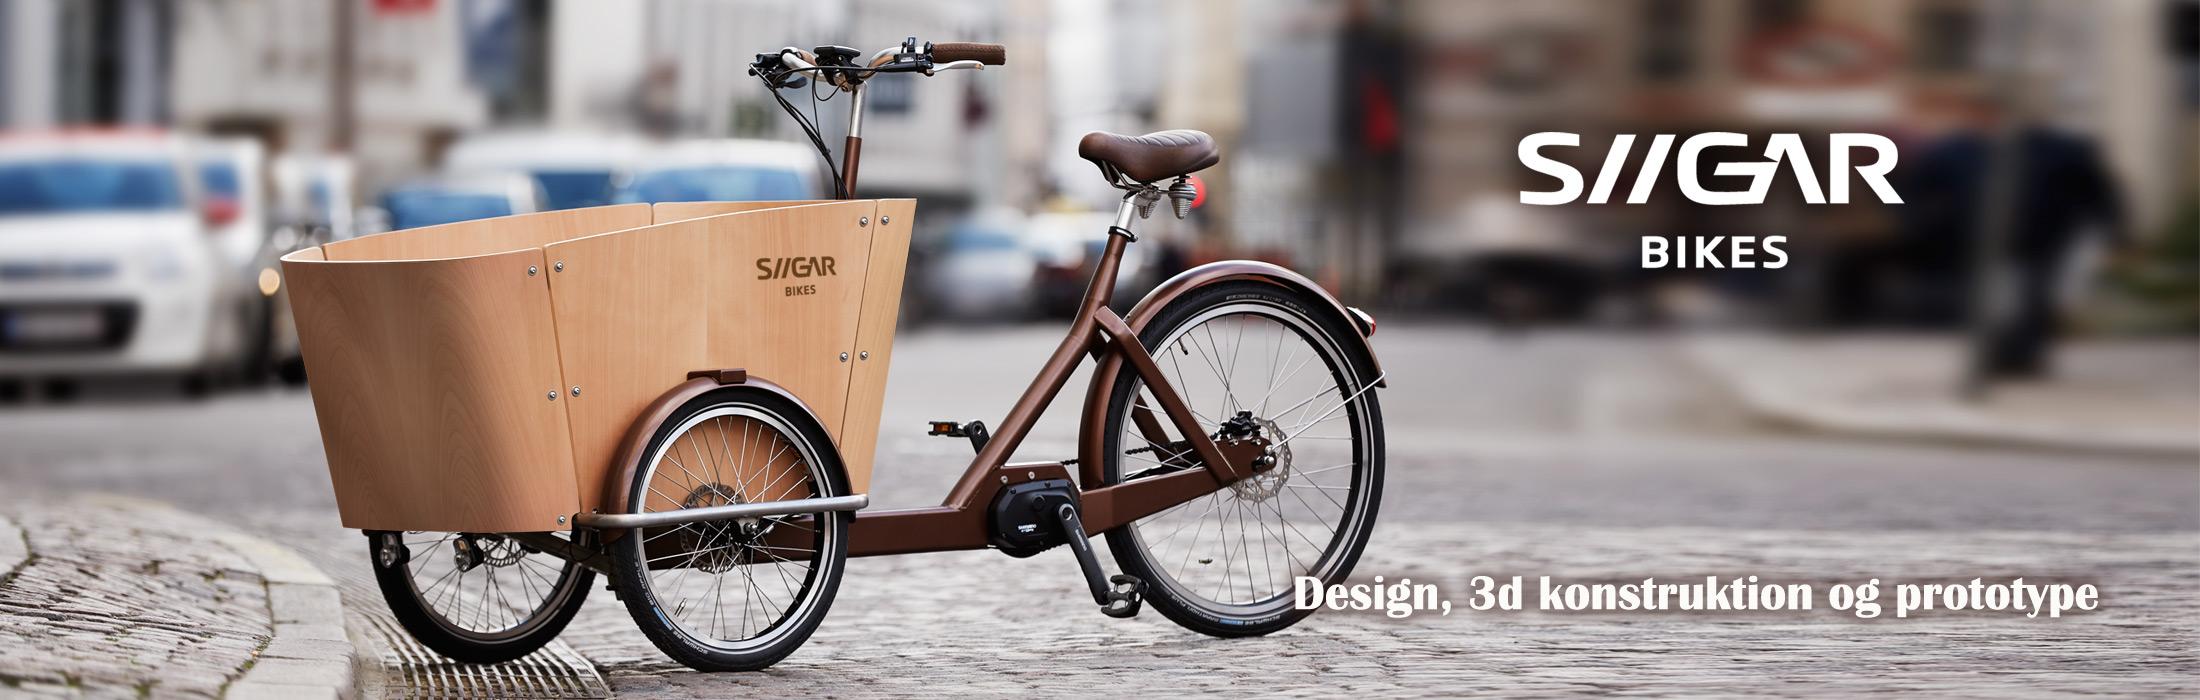 SIIGAR Ladcykel-design-konstruktion-produktudvikling-Kent Laursen Industrielt Design